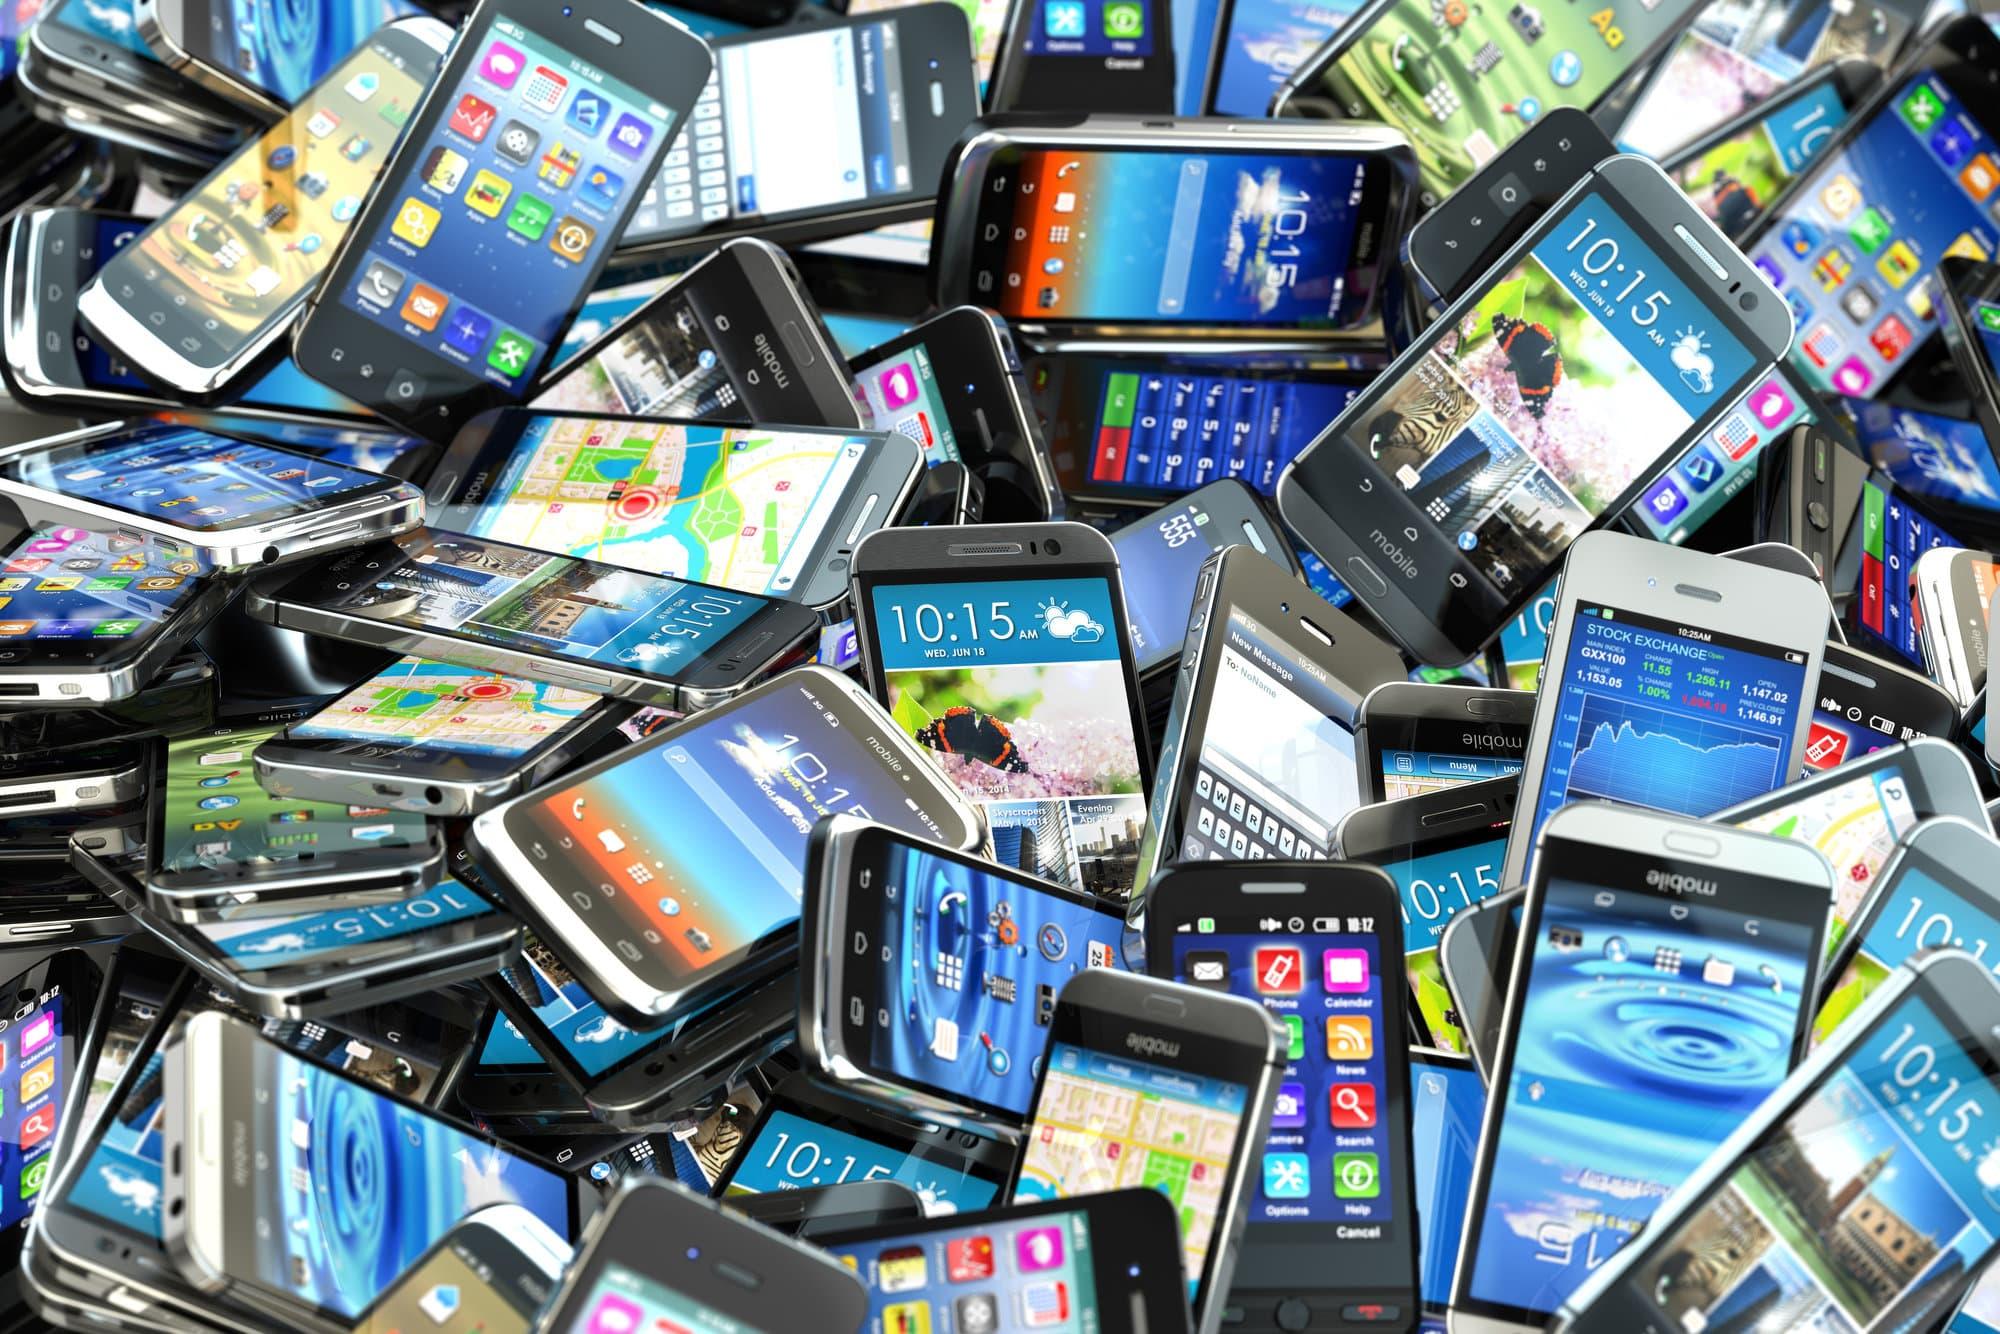 Устаревание мобильных устройств происходит быстро и наглядно